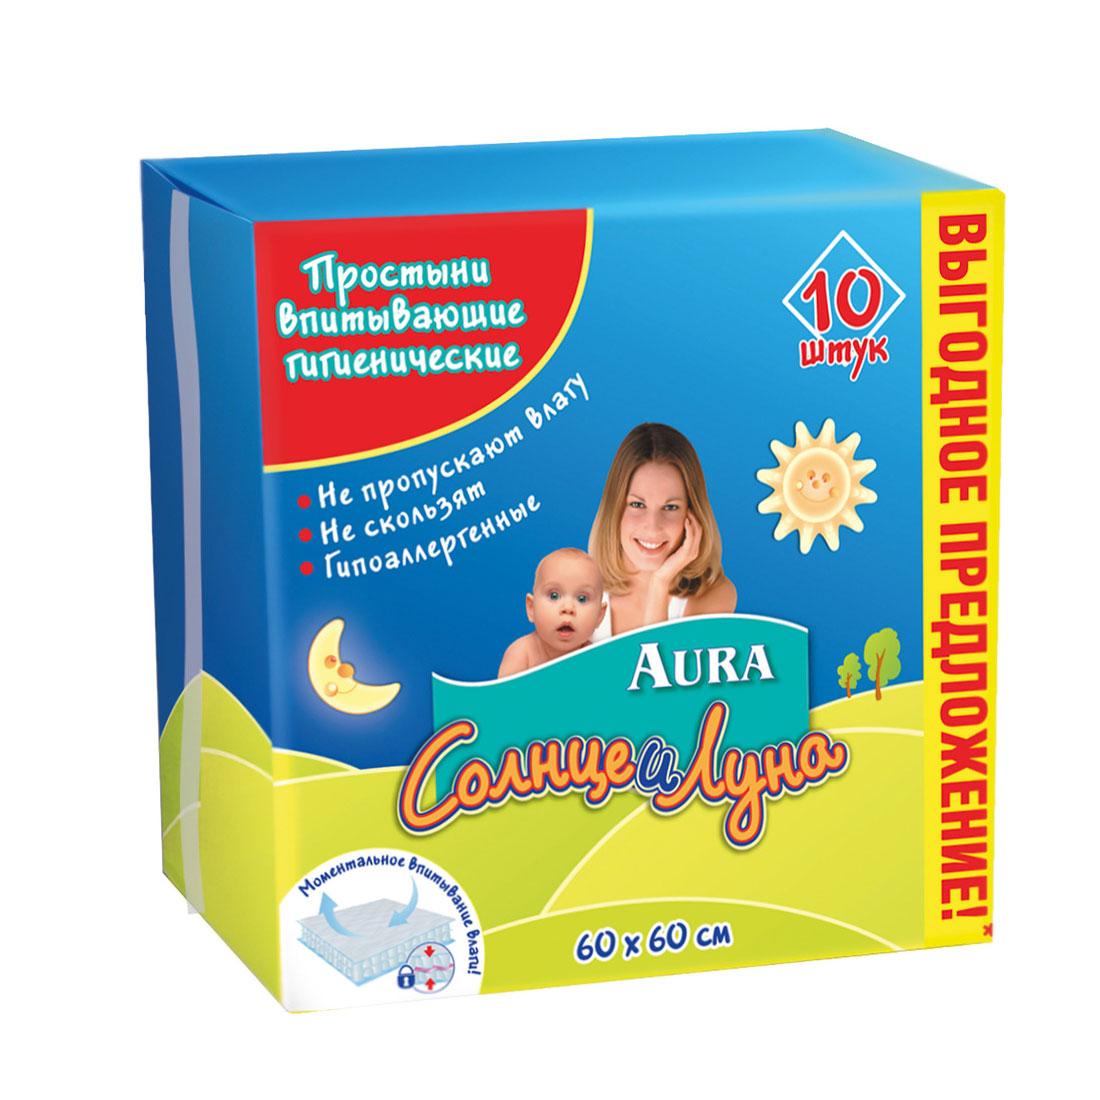 Пеленки AURA Солнце и луна гигиенические 60х60 см (10 шт)<br>